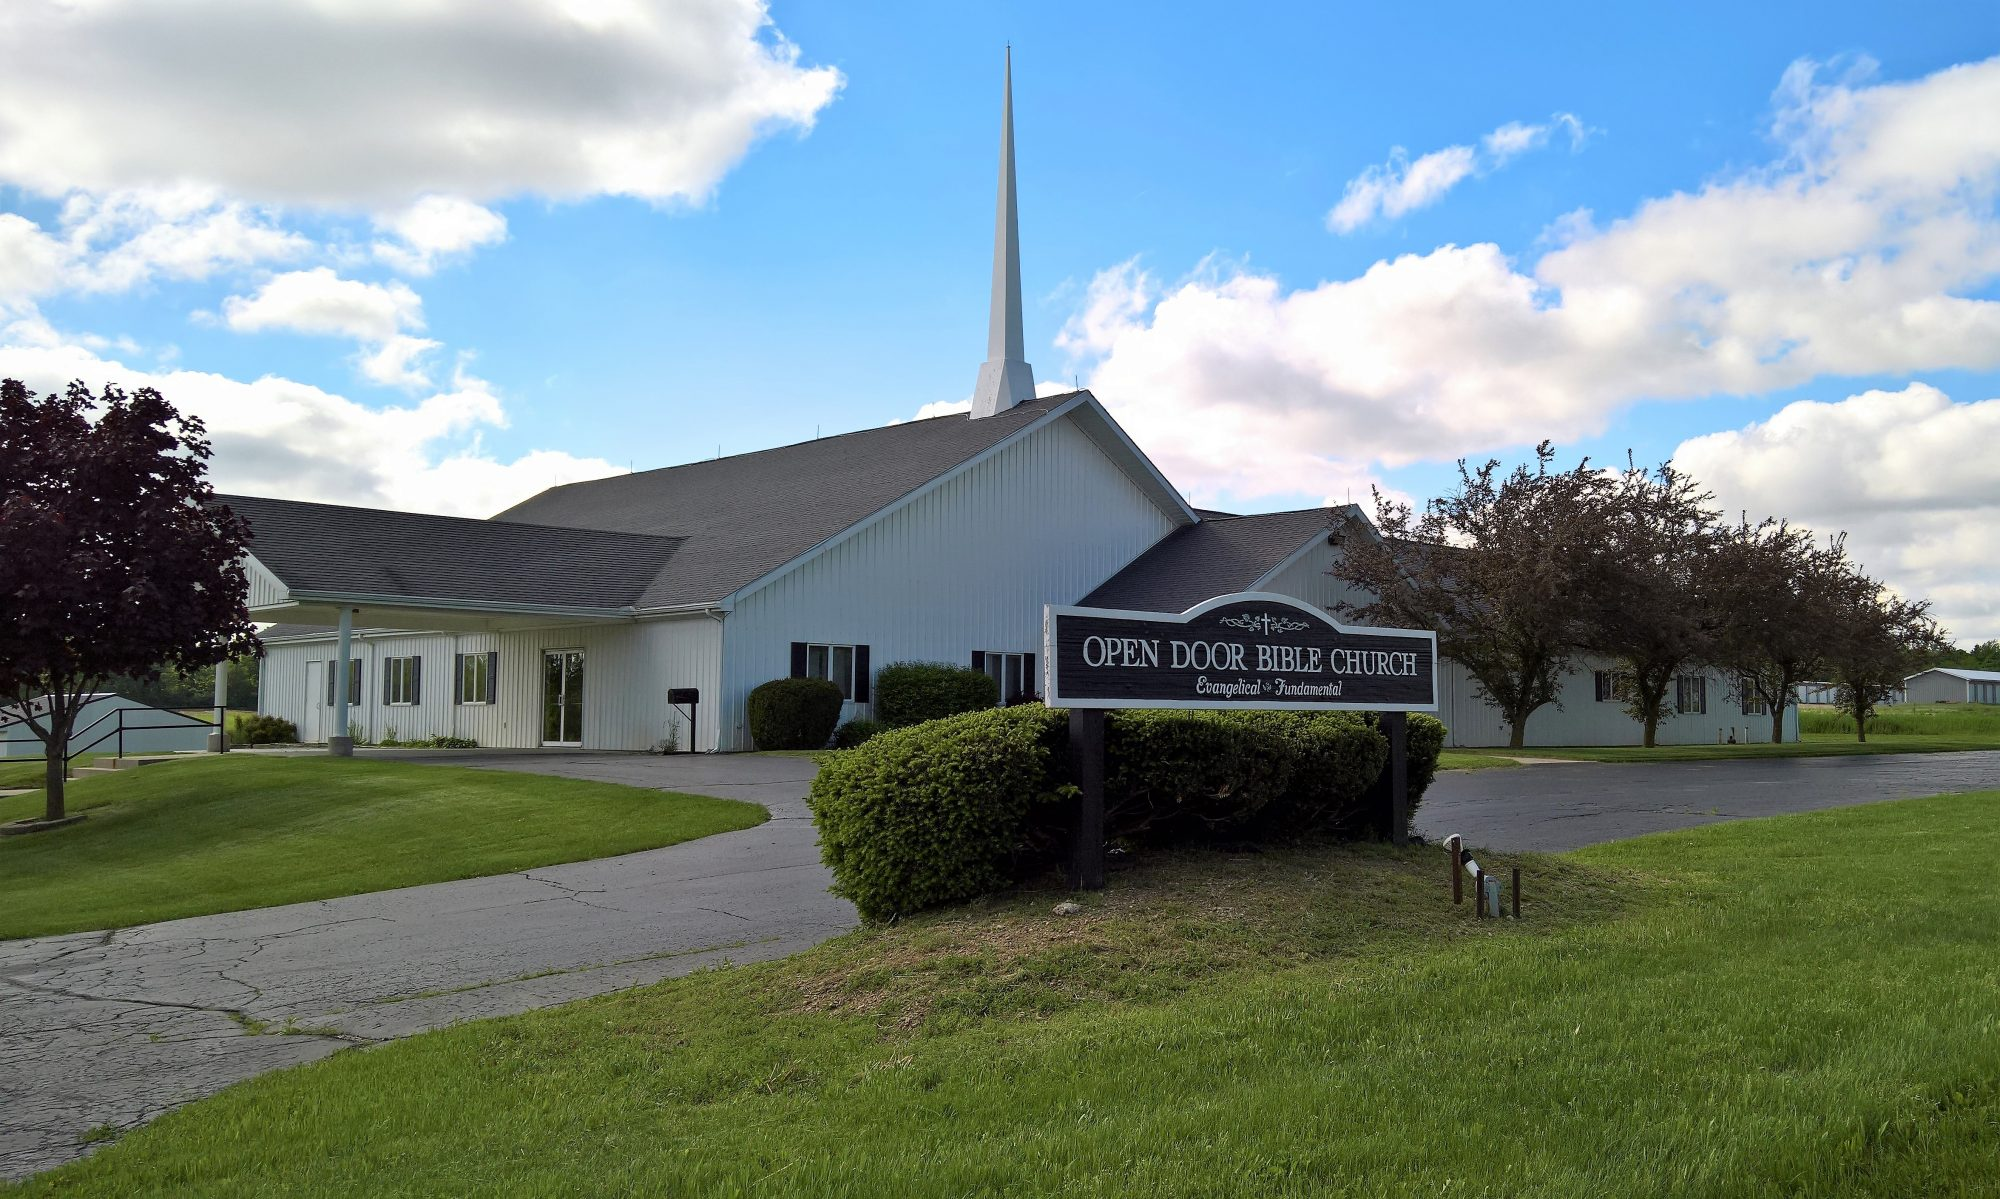 Open Door Bible Church